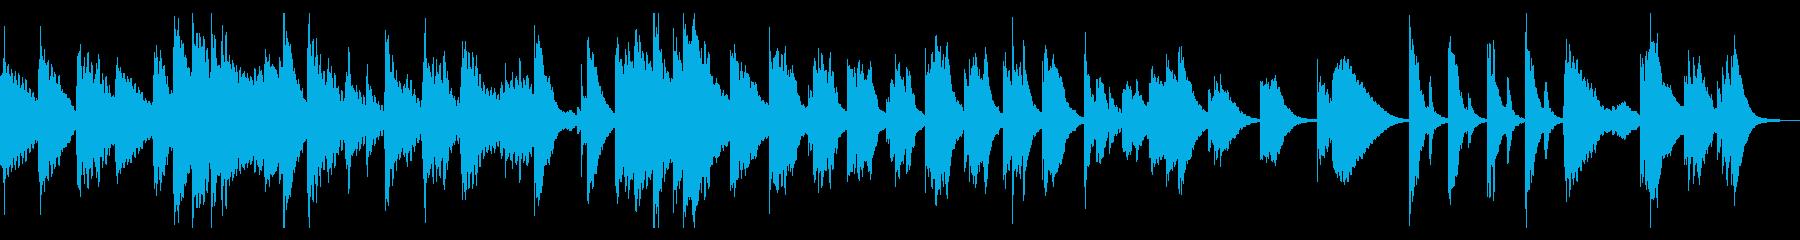 童謡「うさぎ」のゆったりとしたアレンジの再生済みの波形